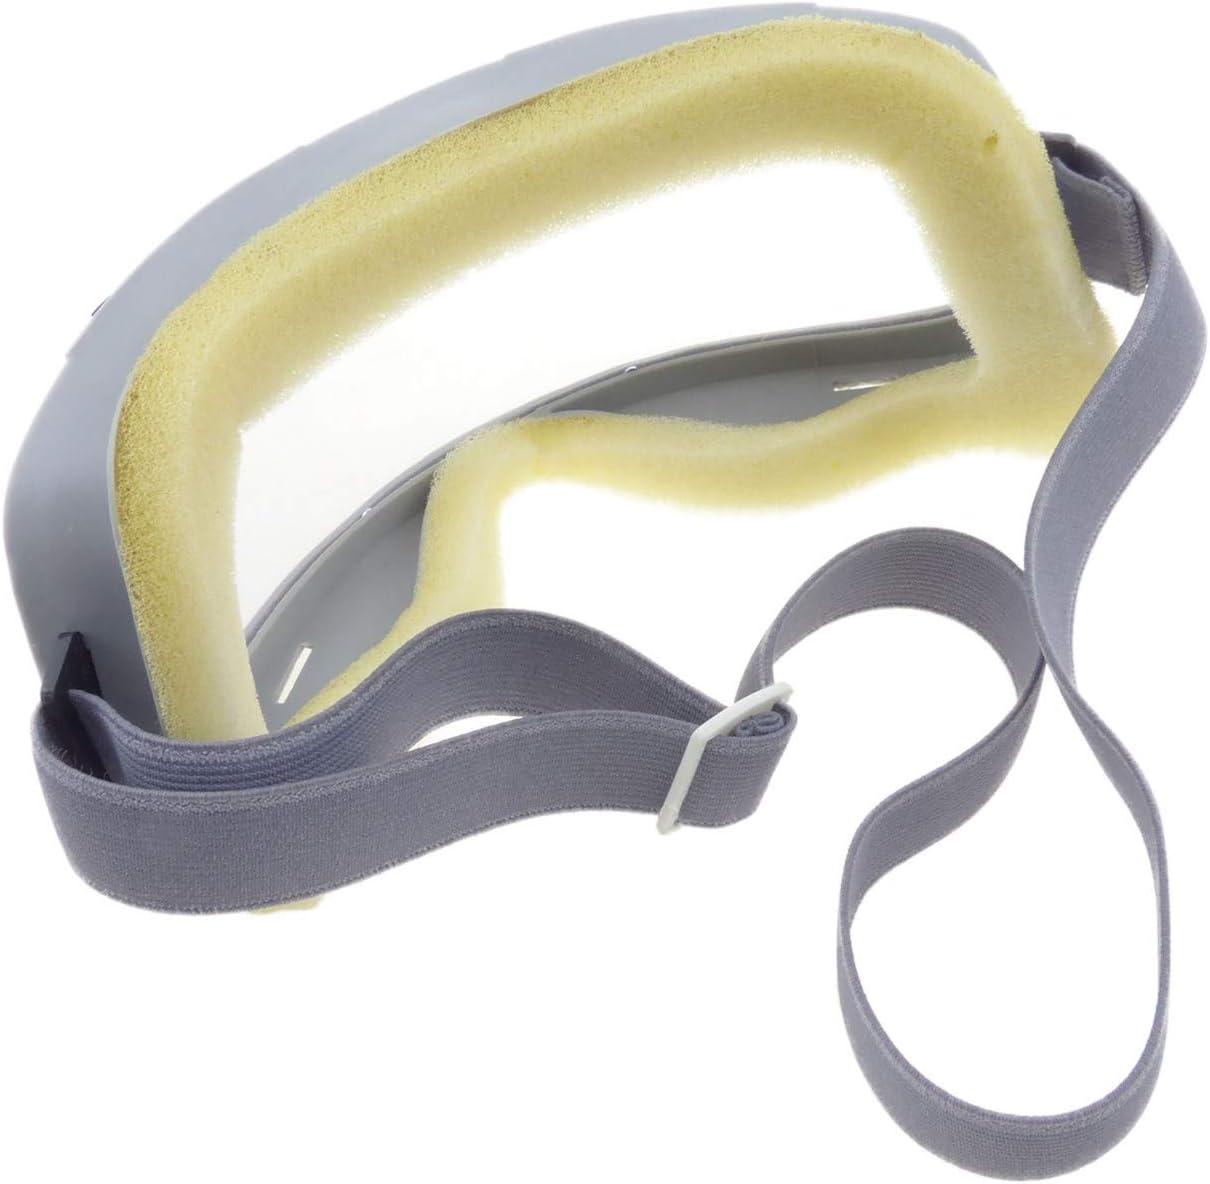 Motorradschutzbrille Original Ddr Sportbrille Marke Start Mit Einstellbarer Belüftung Einzelkarton Auto